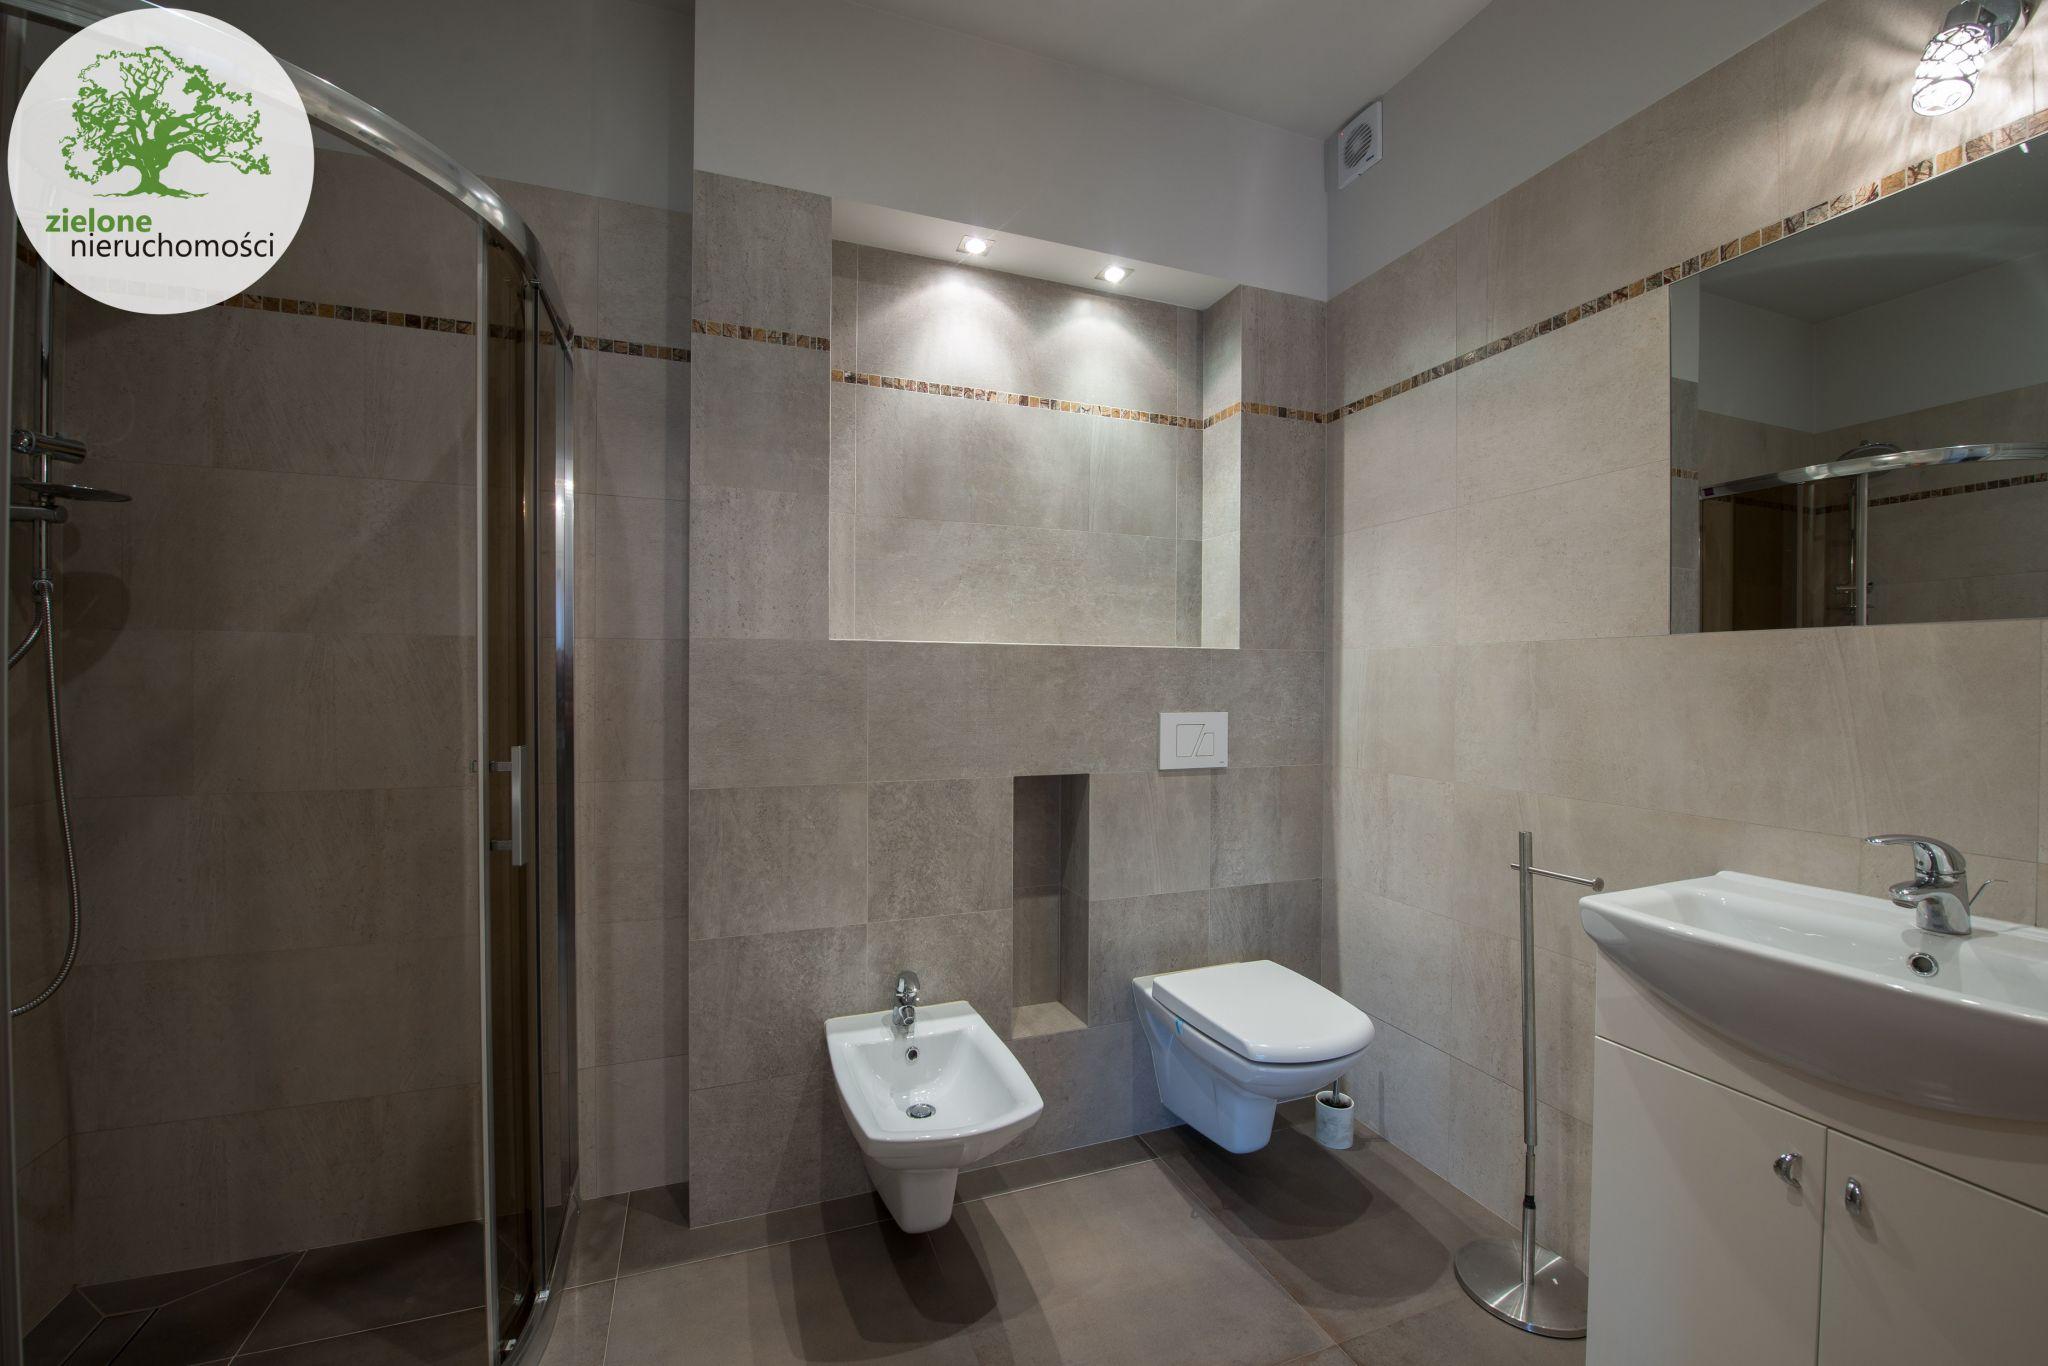 Zdjęcie 5Ul. Krakowska - apartament